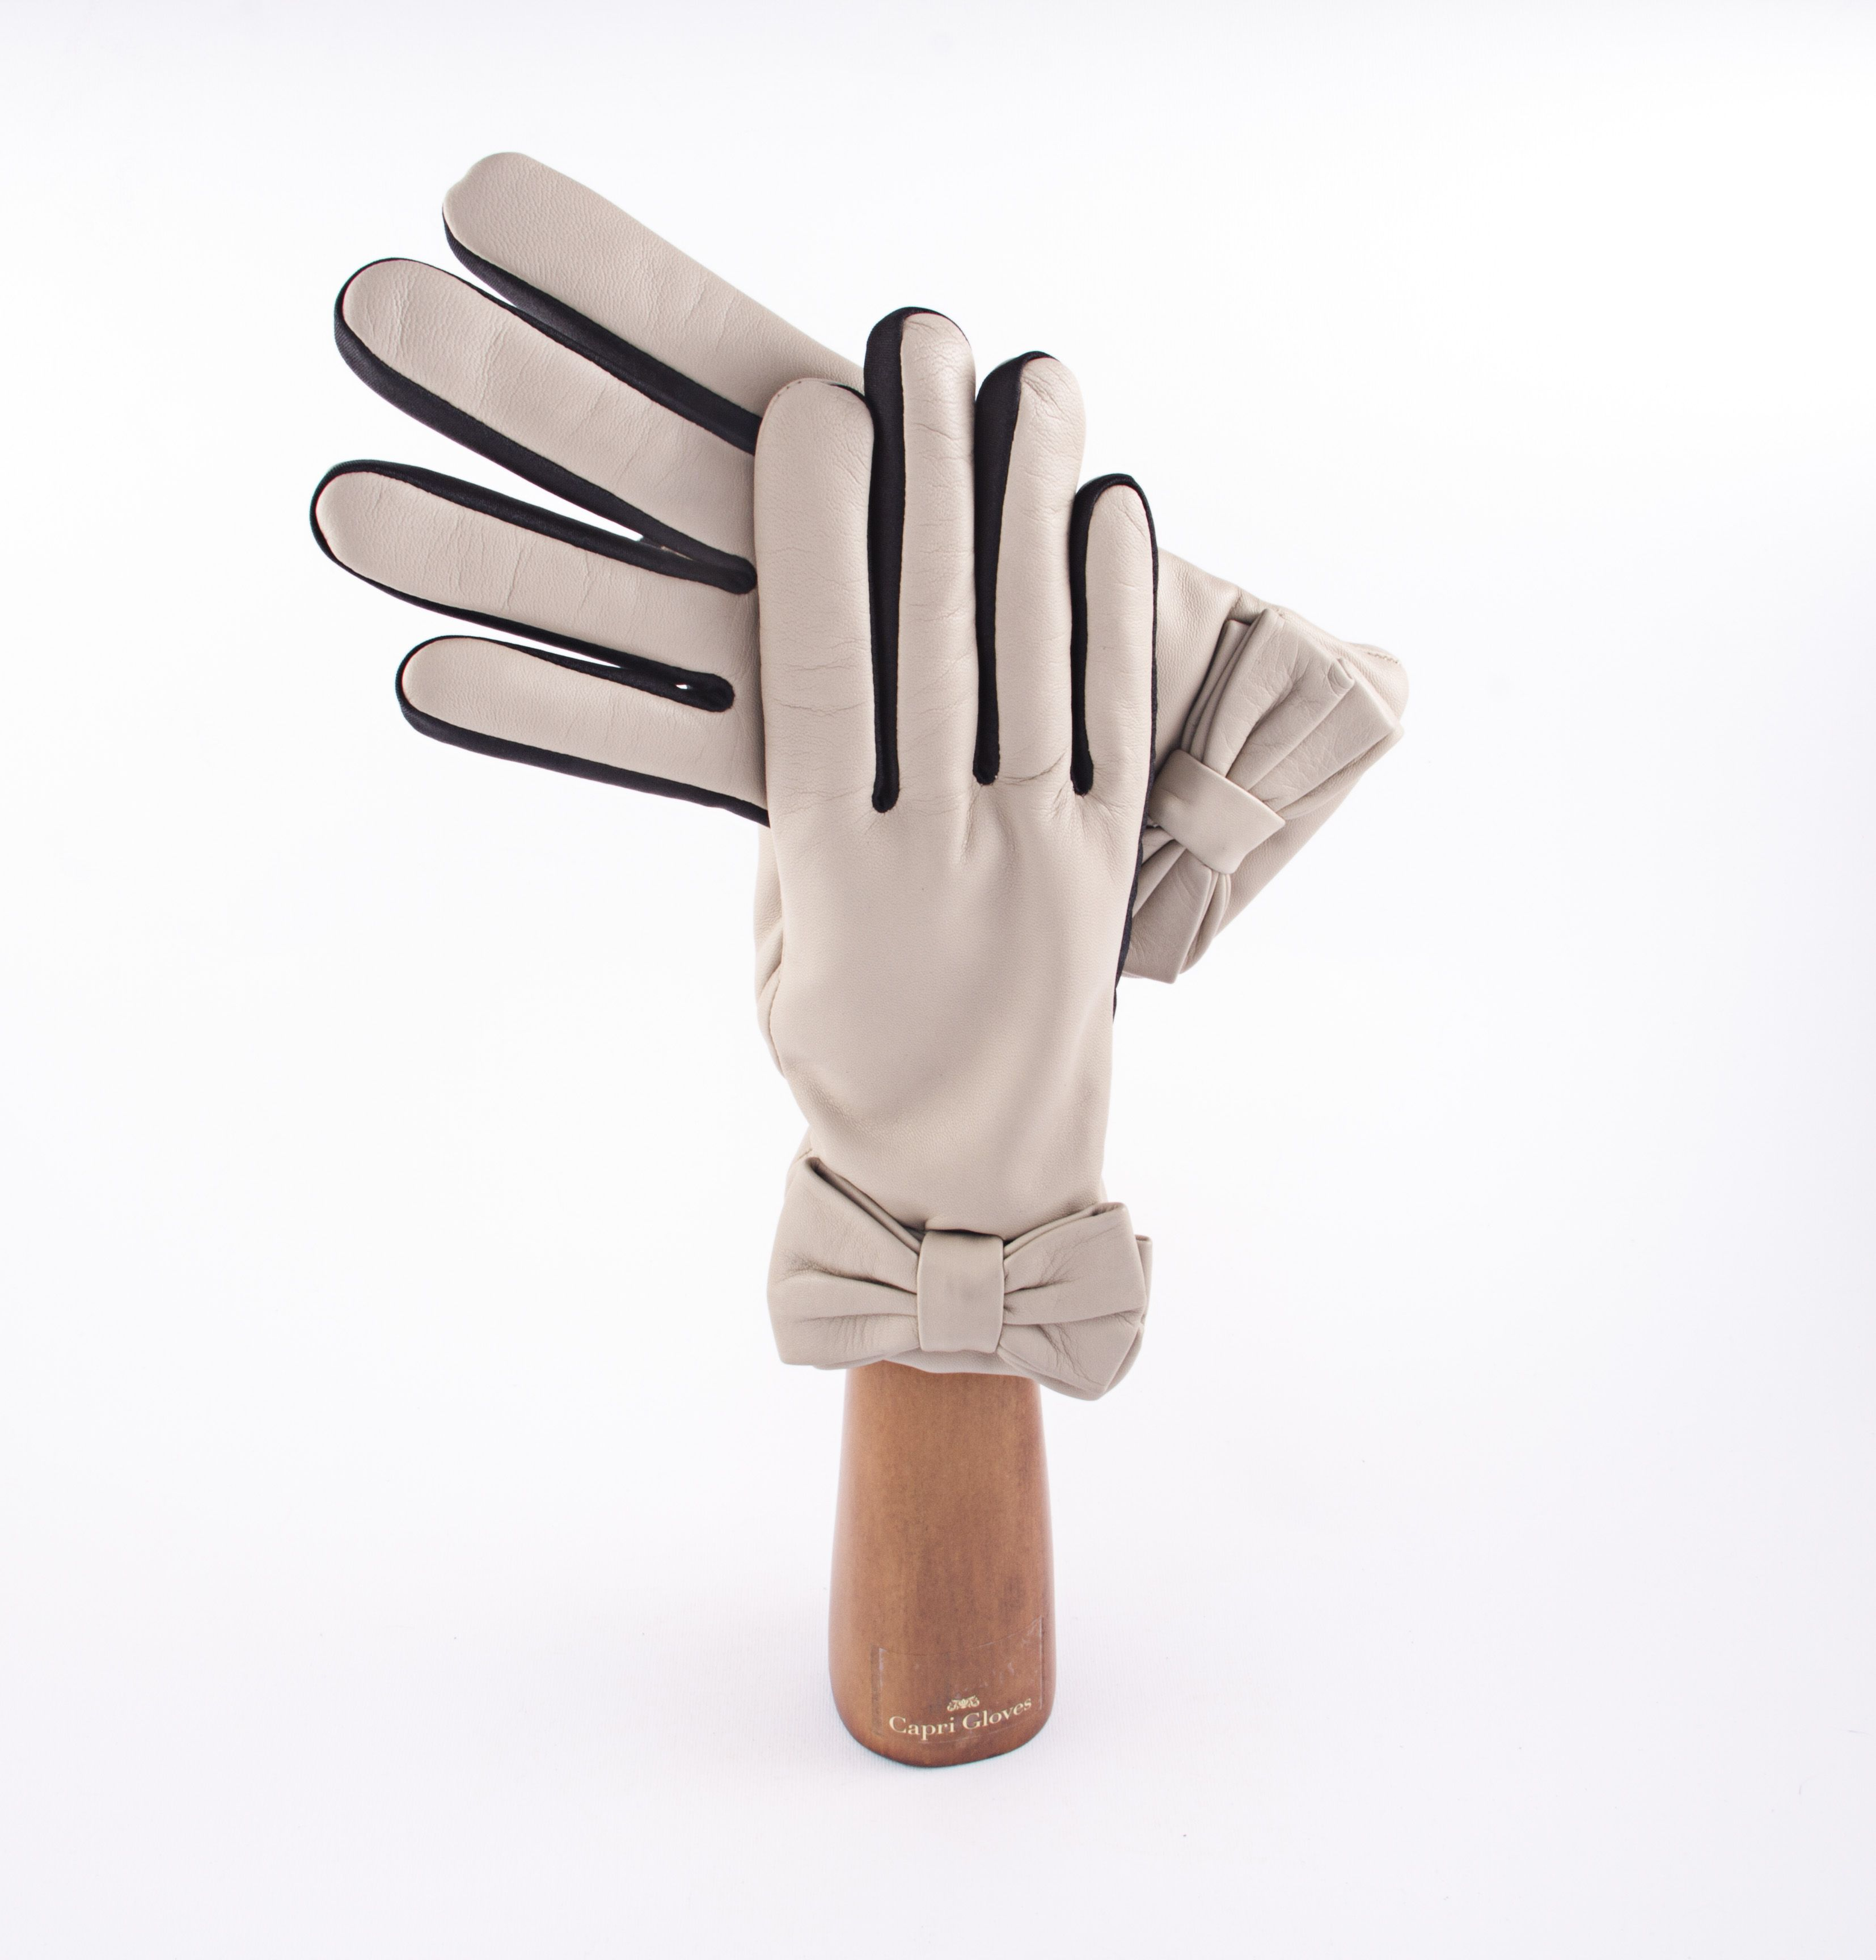 Bow Capri Gloves